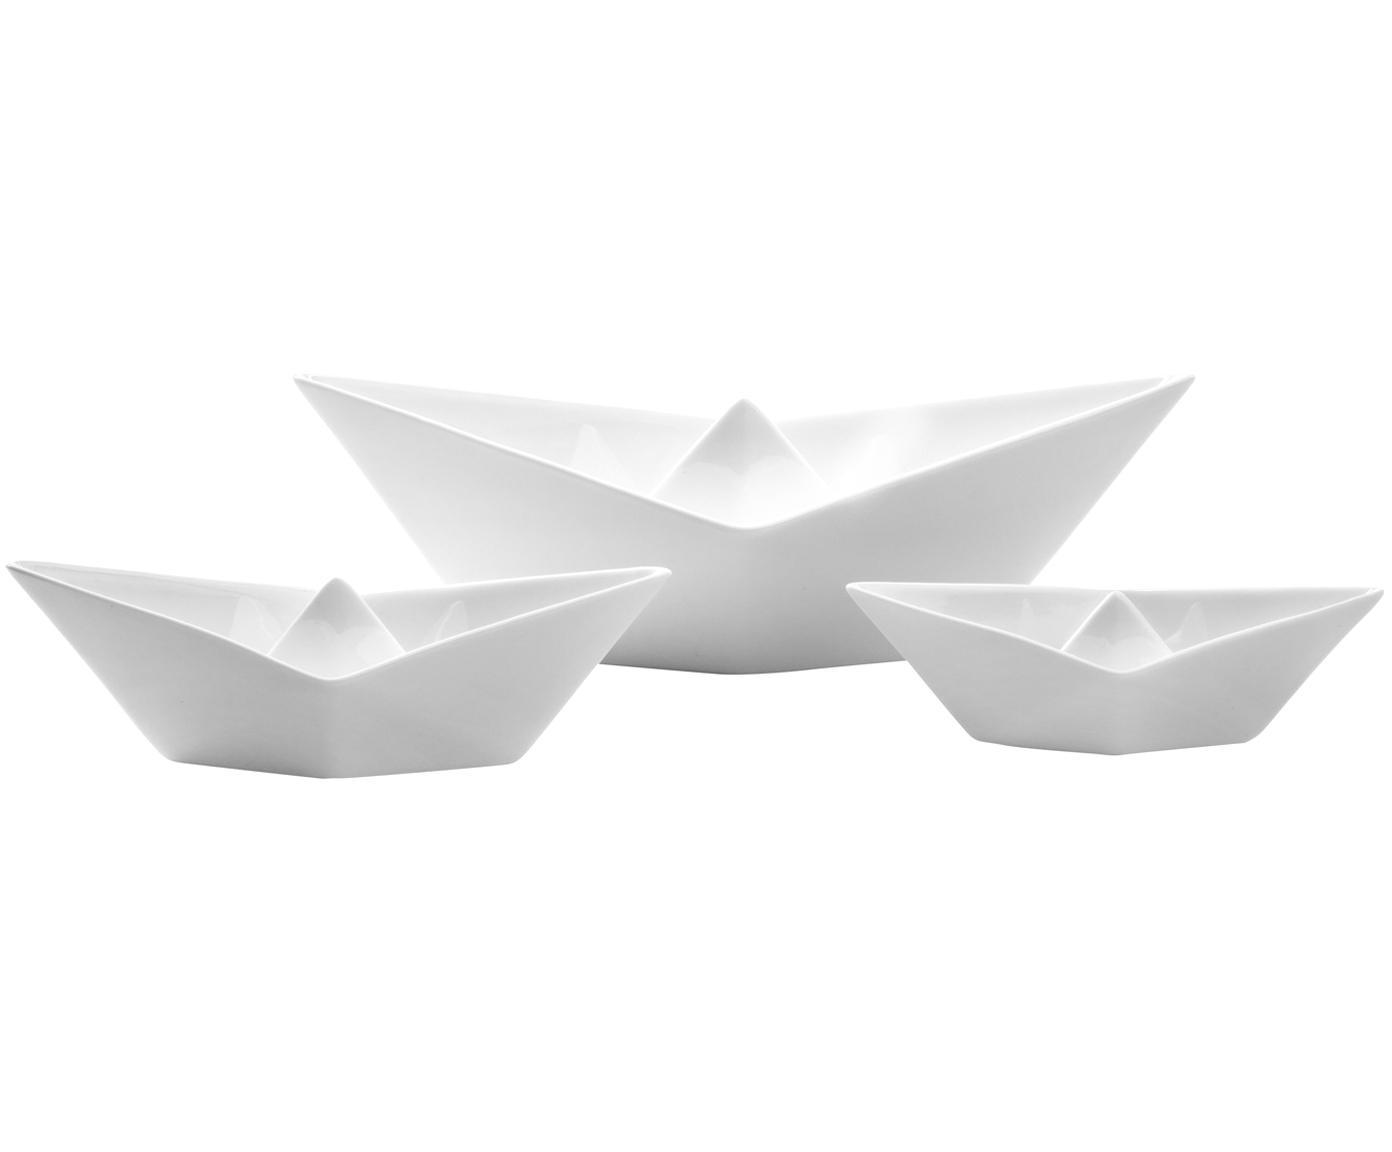 Set di 3 ciotole decorative My Boat, Porcellana, Bianco, Diverse dimensioni